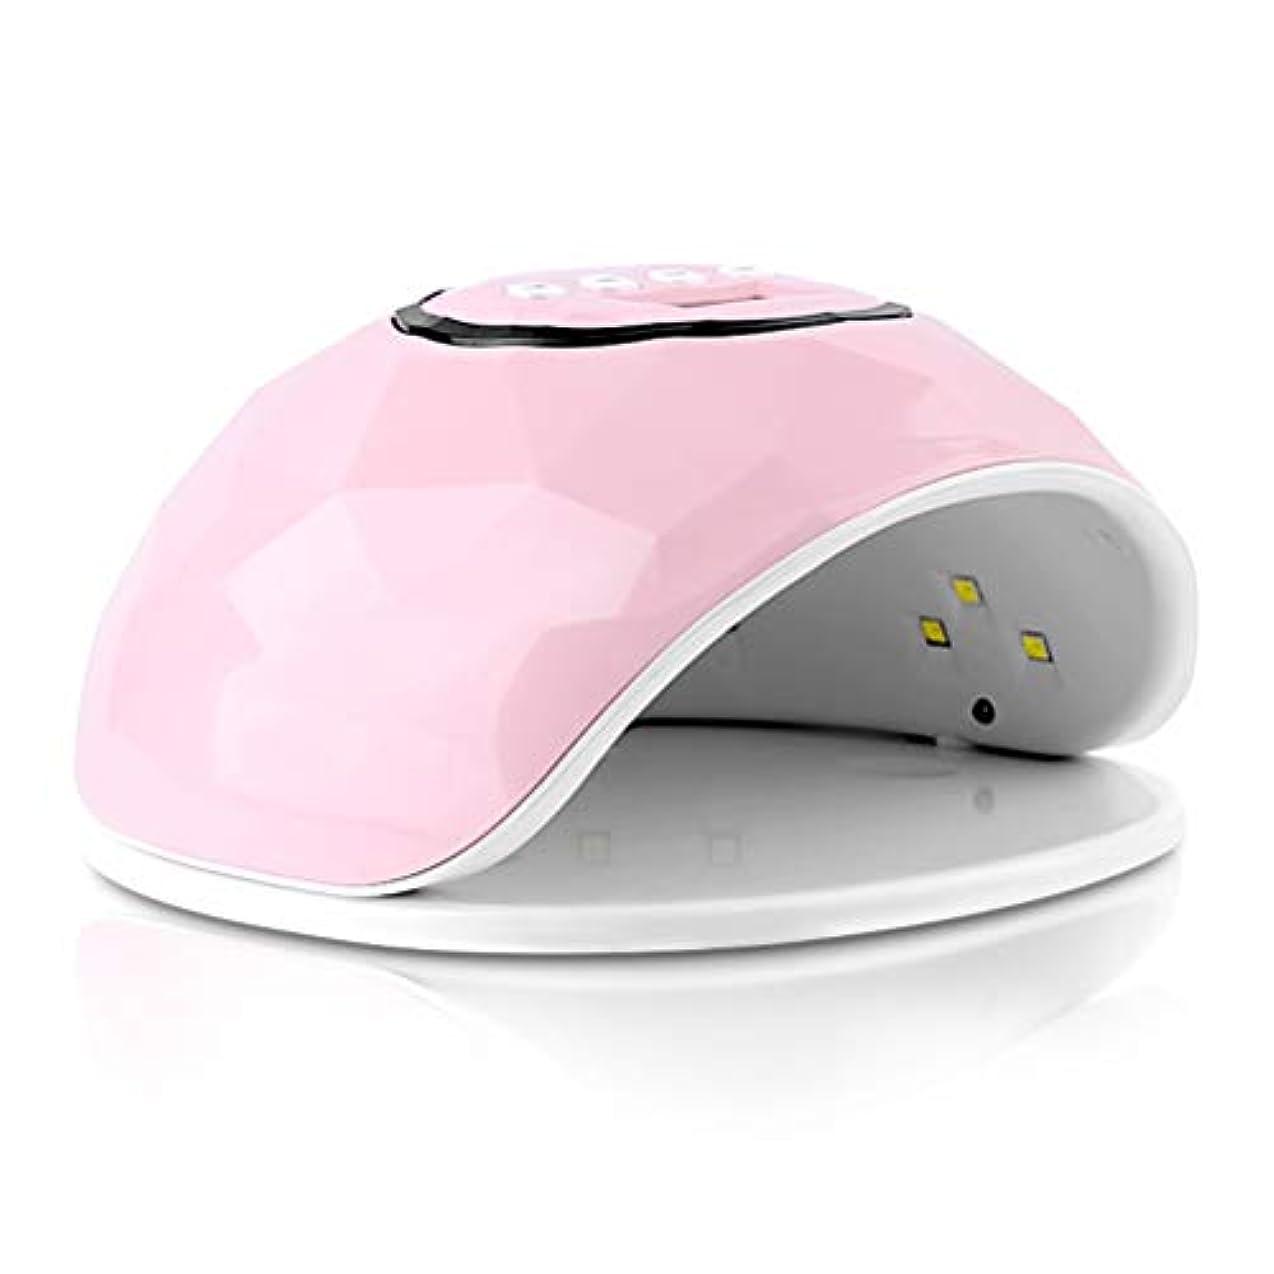 葉っぱ栄養定期的にネイルランプ72Wネイル光線療法ランプ速乾性インテリジェント誘導マニキュアグルーベーキングランプLEDドライヤー (Color : Pink)